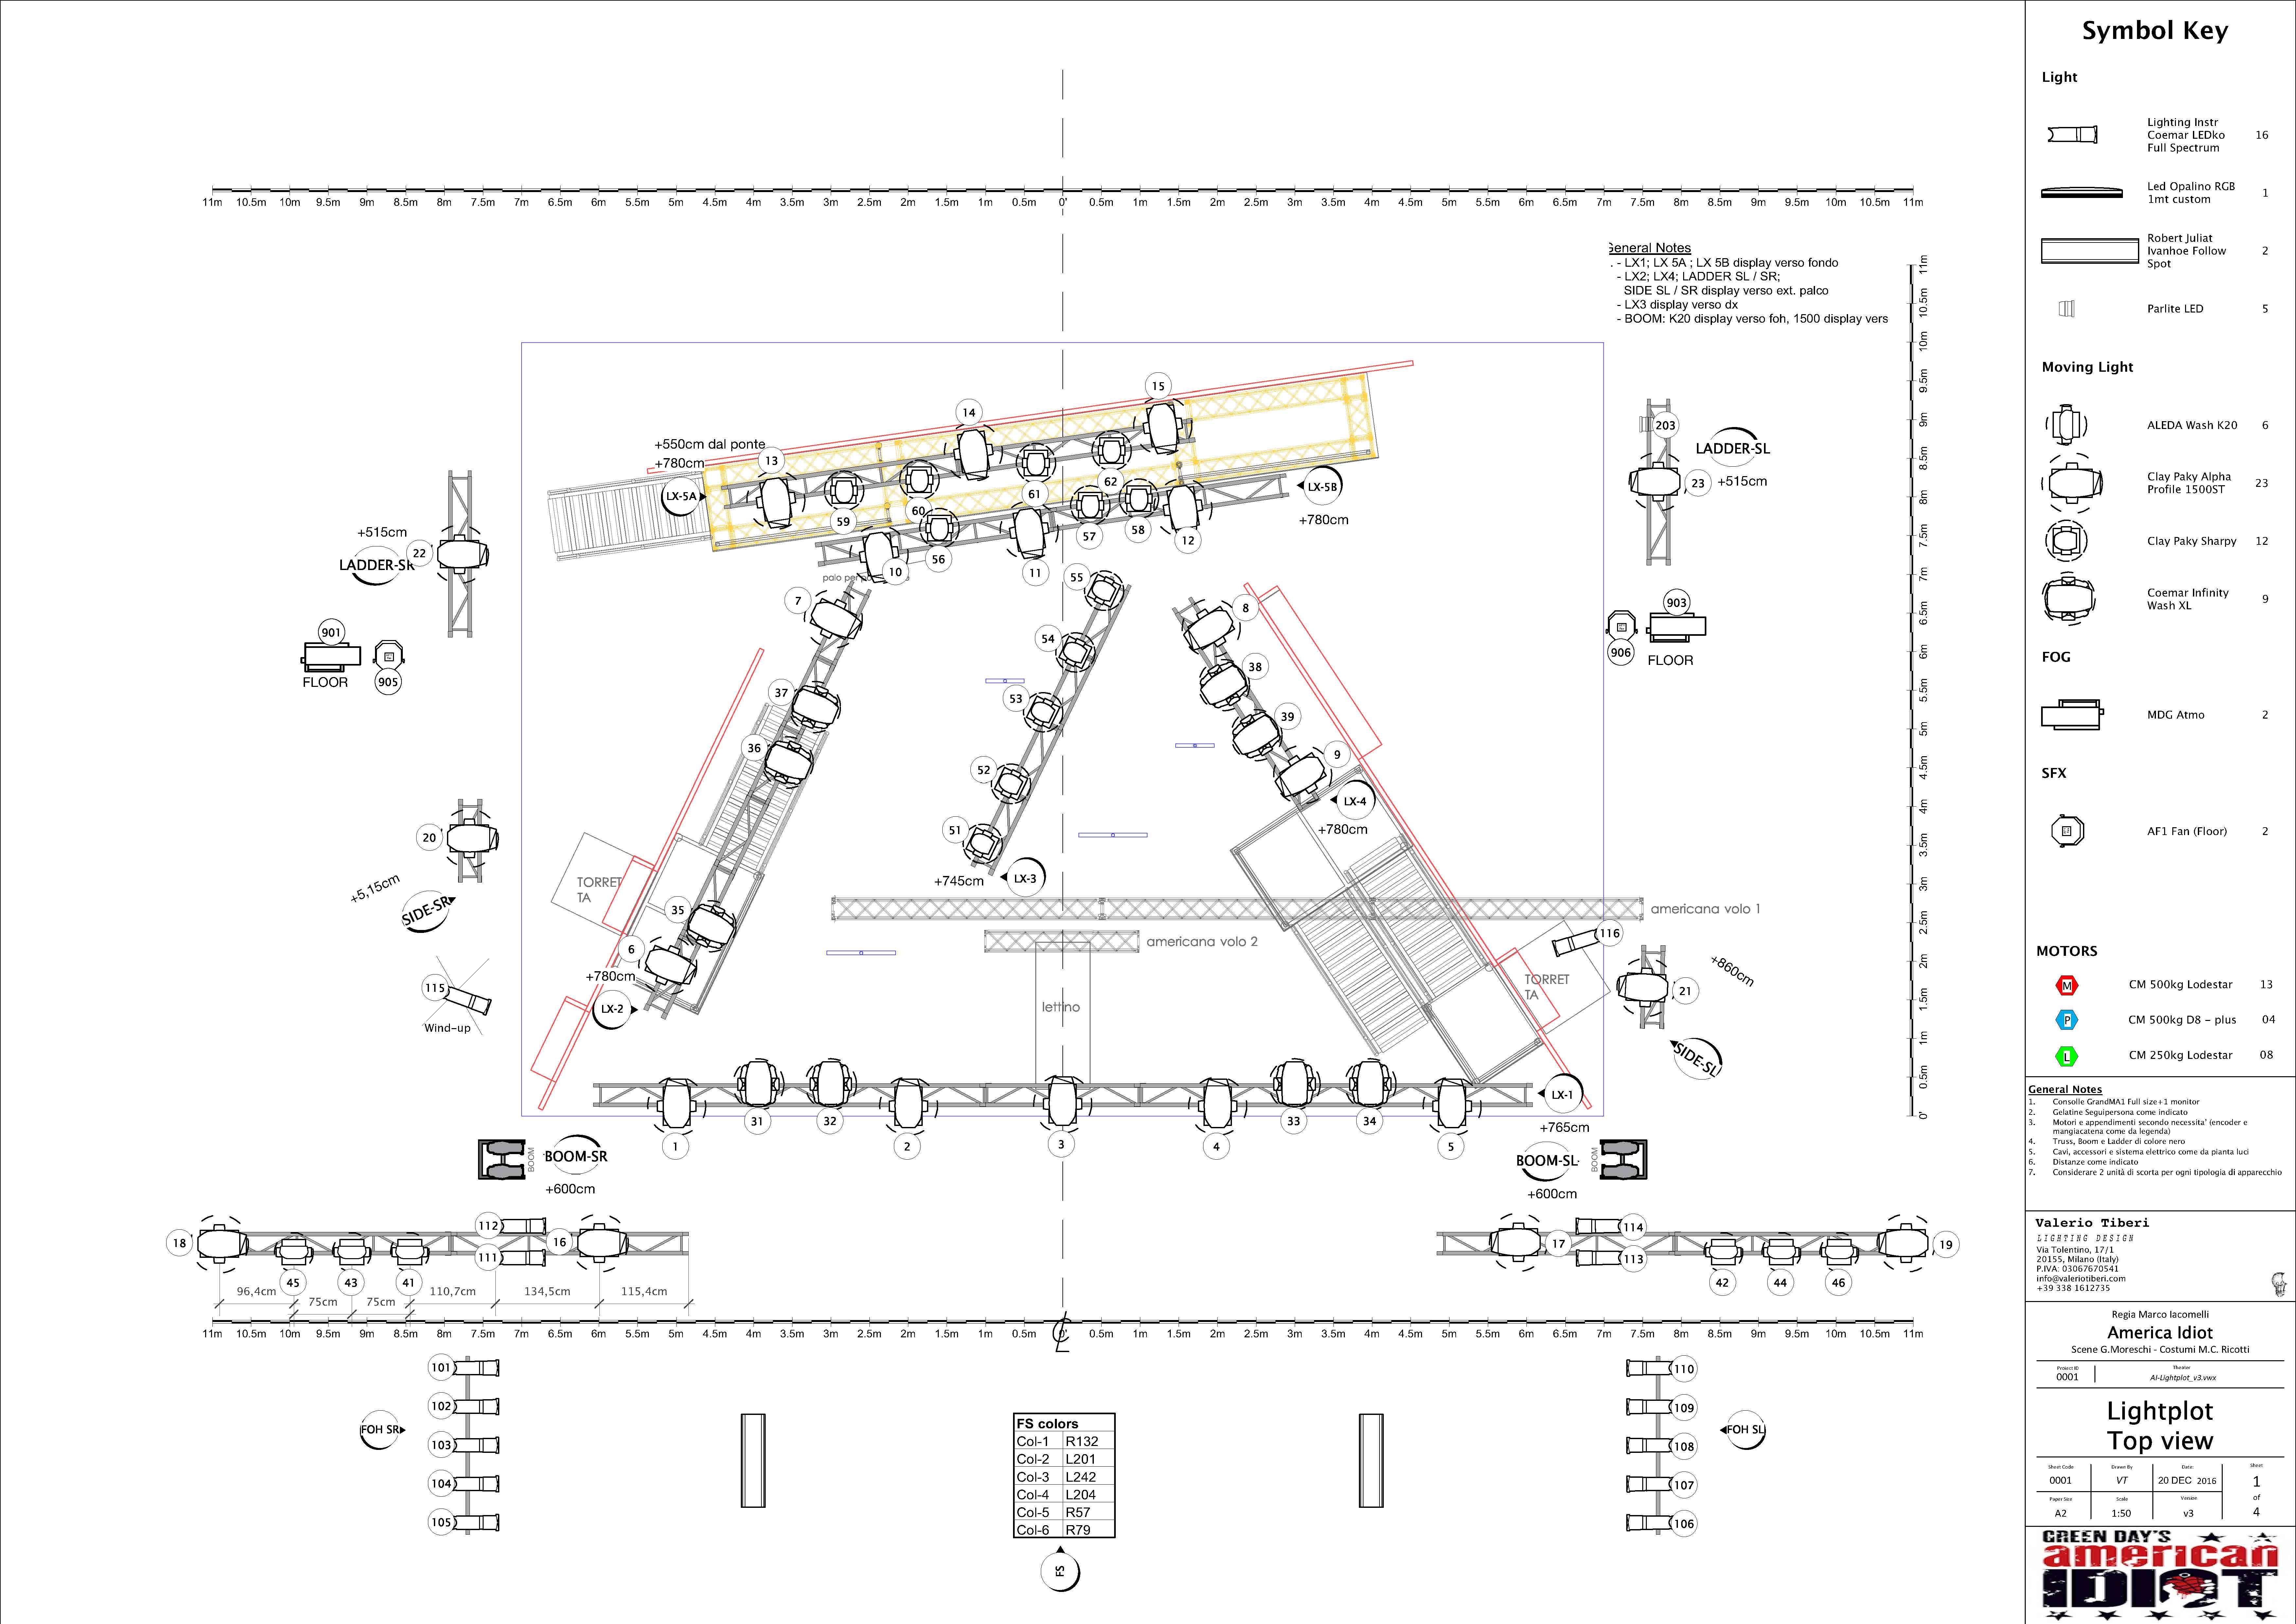 P2P LIGHTING DESIGN – AMERICAN IDIOT